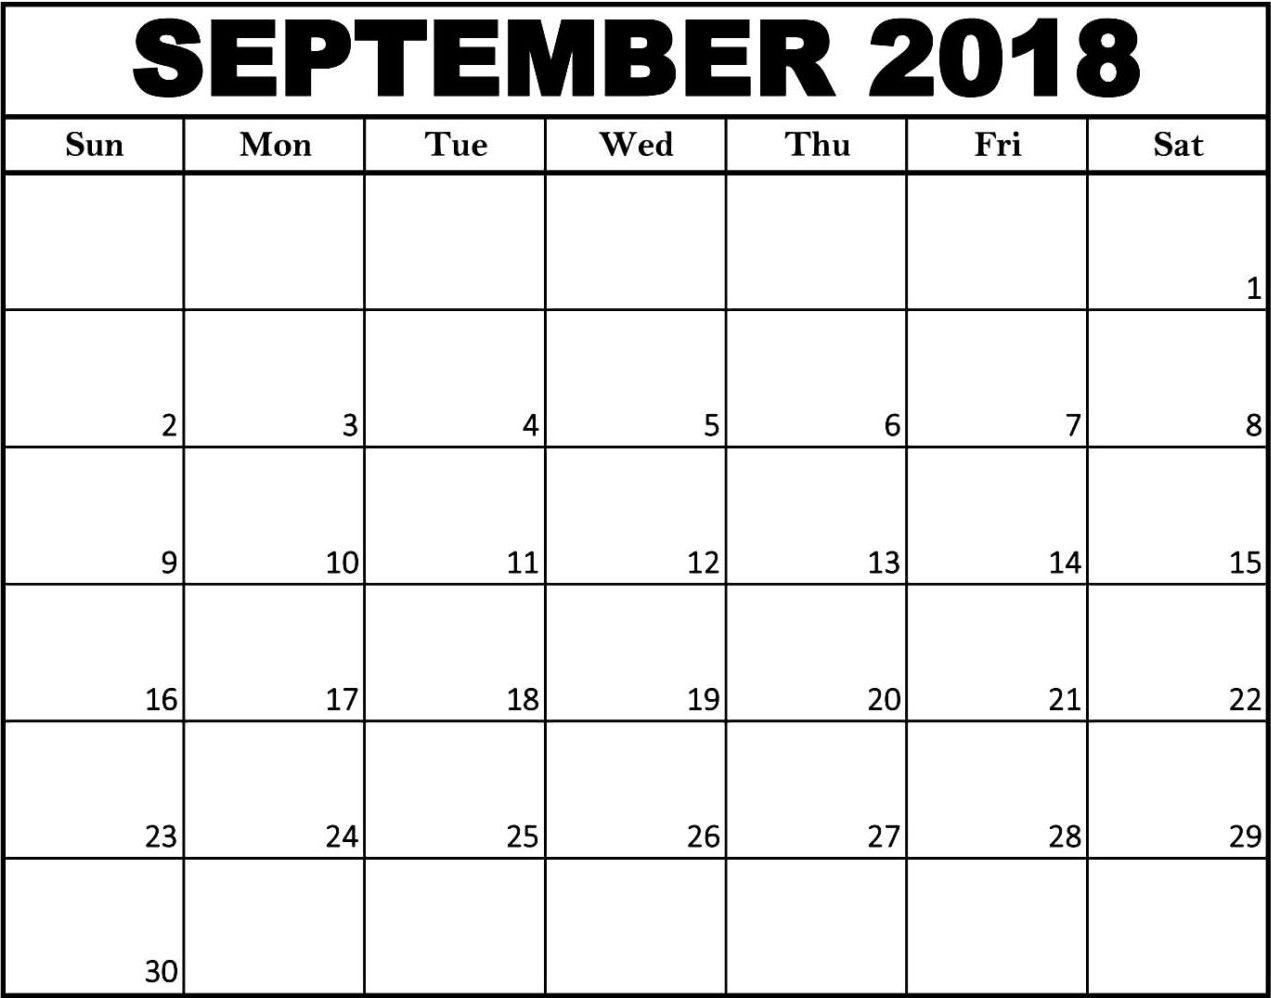 September Calendar 2018 Template inside Blank Printable September Calendar Template